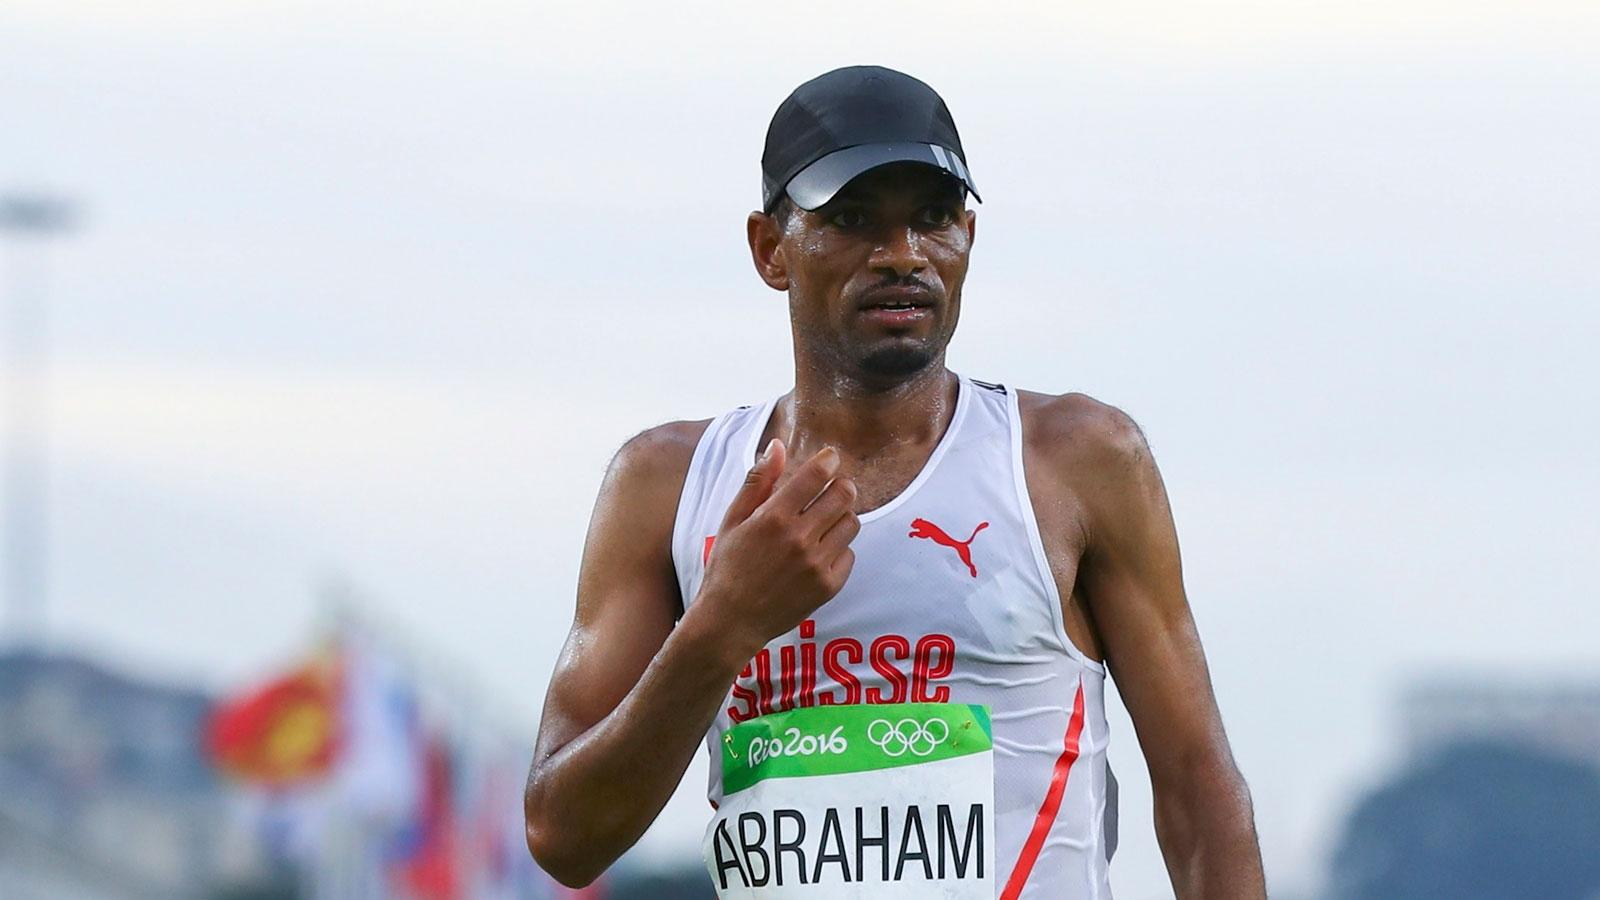 Tadesse Abraham begründet seine Aufgabe